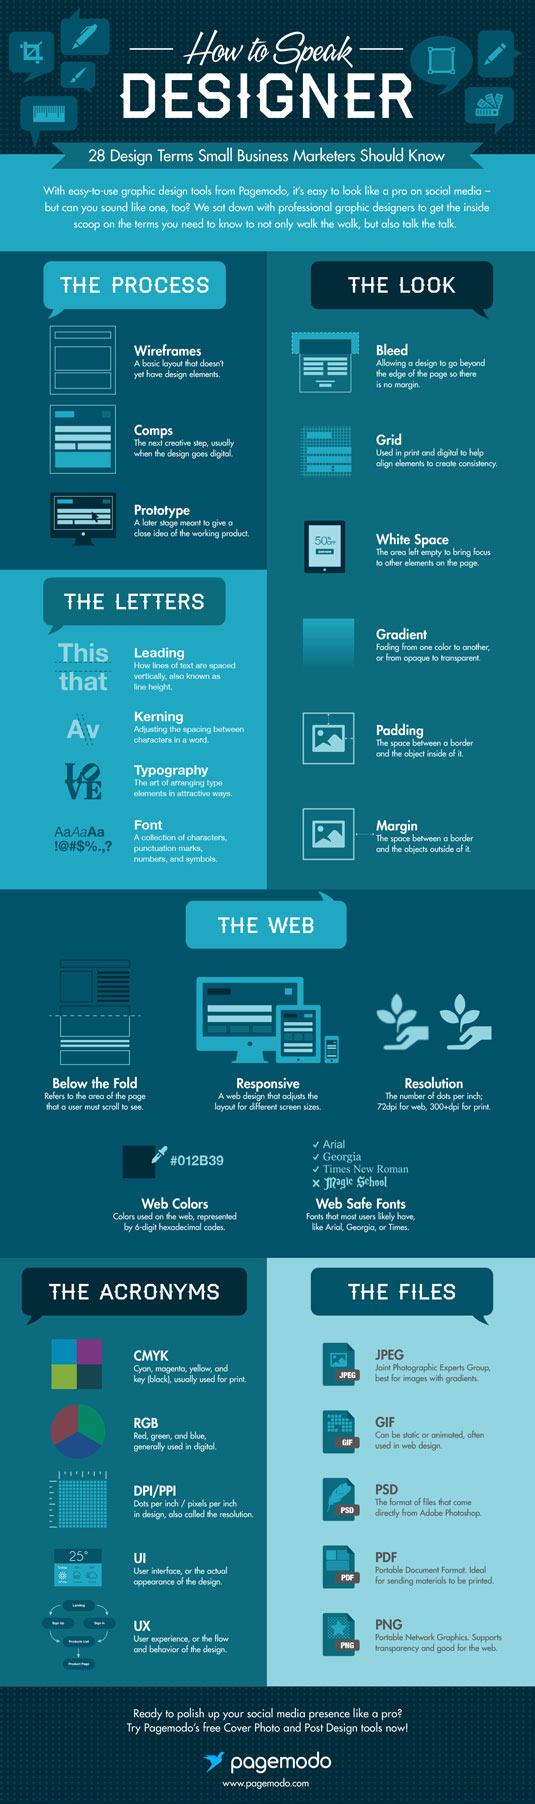 How to speak designer | Infographic | Creative Bloq